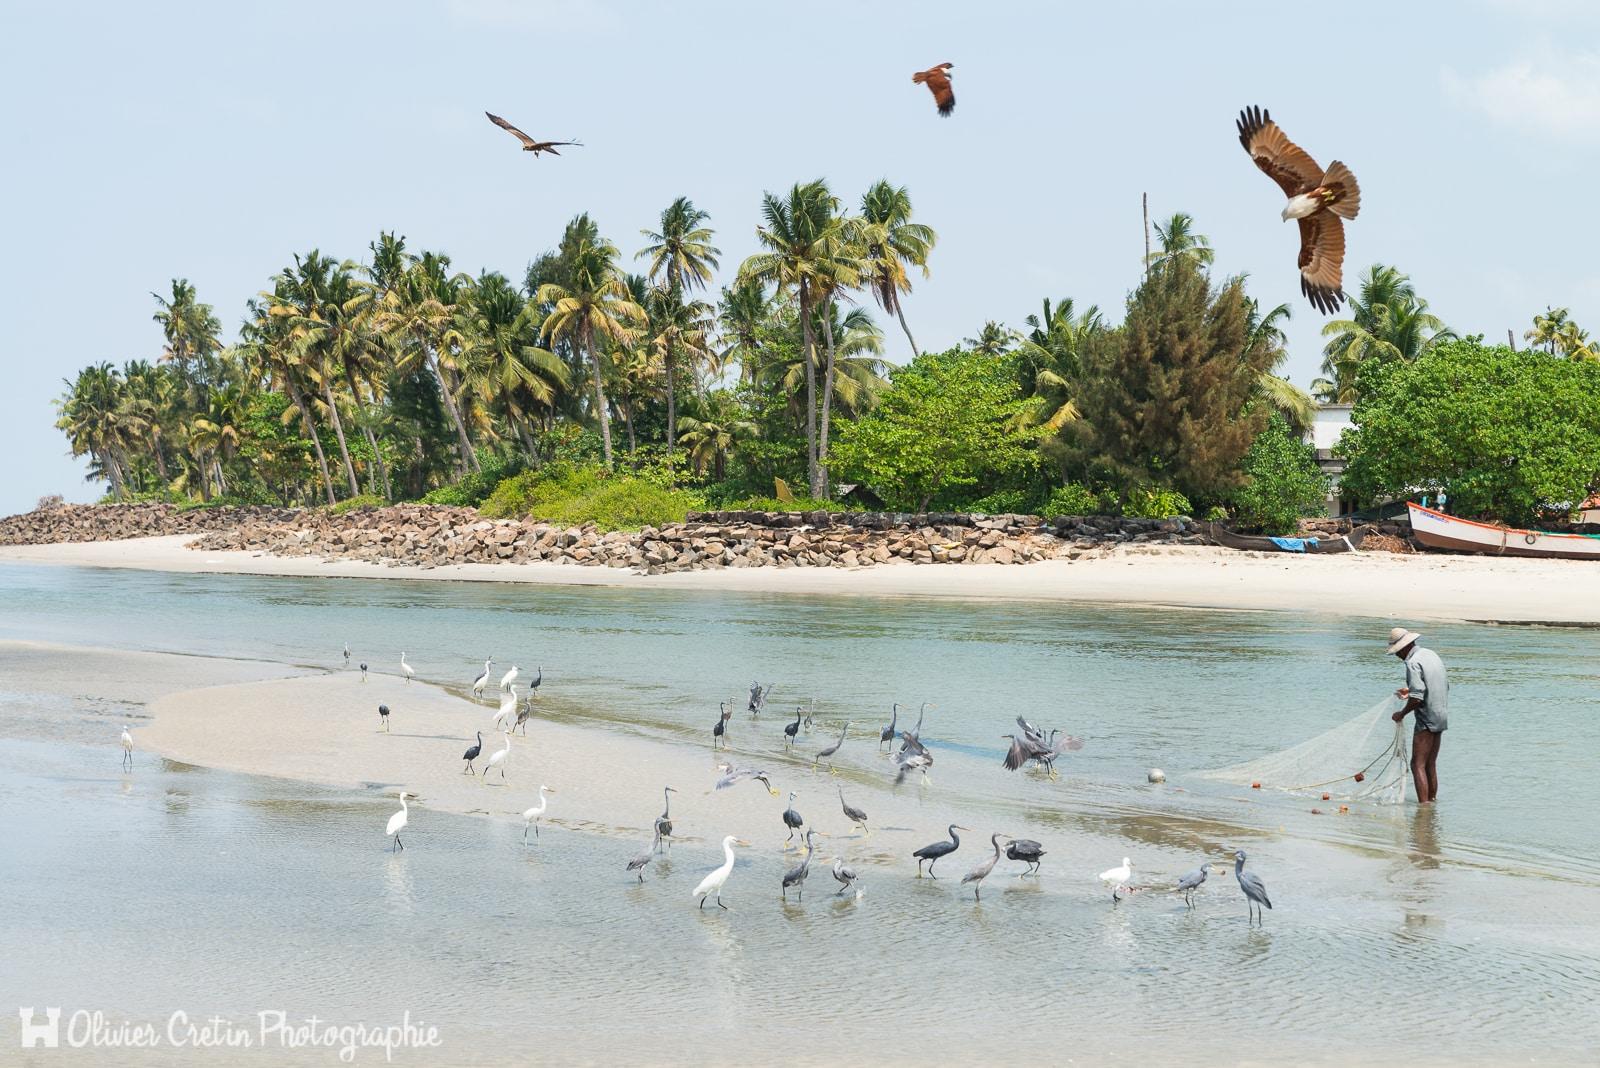 Inde - Entre Marari beach et Kochi - Un autre retour de la pêche